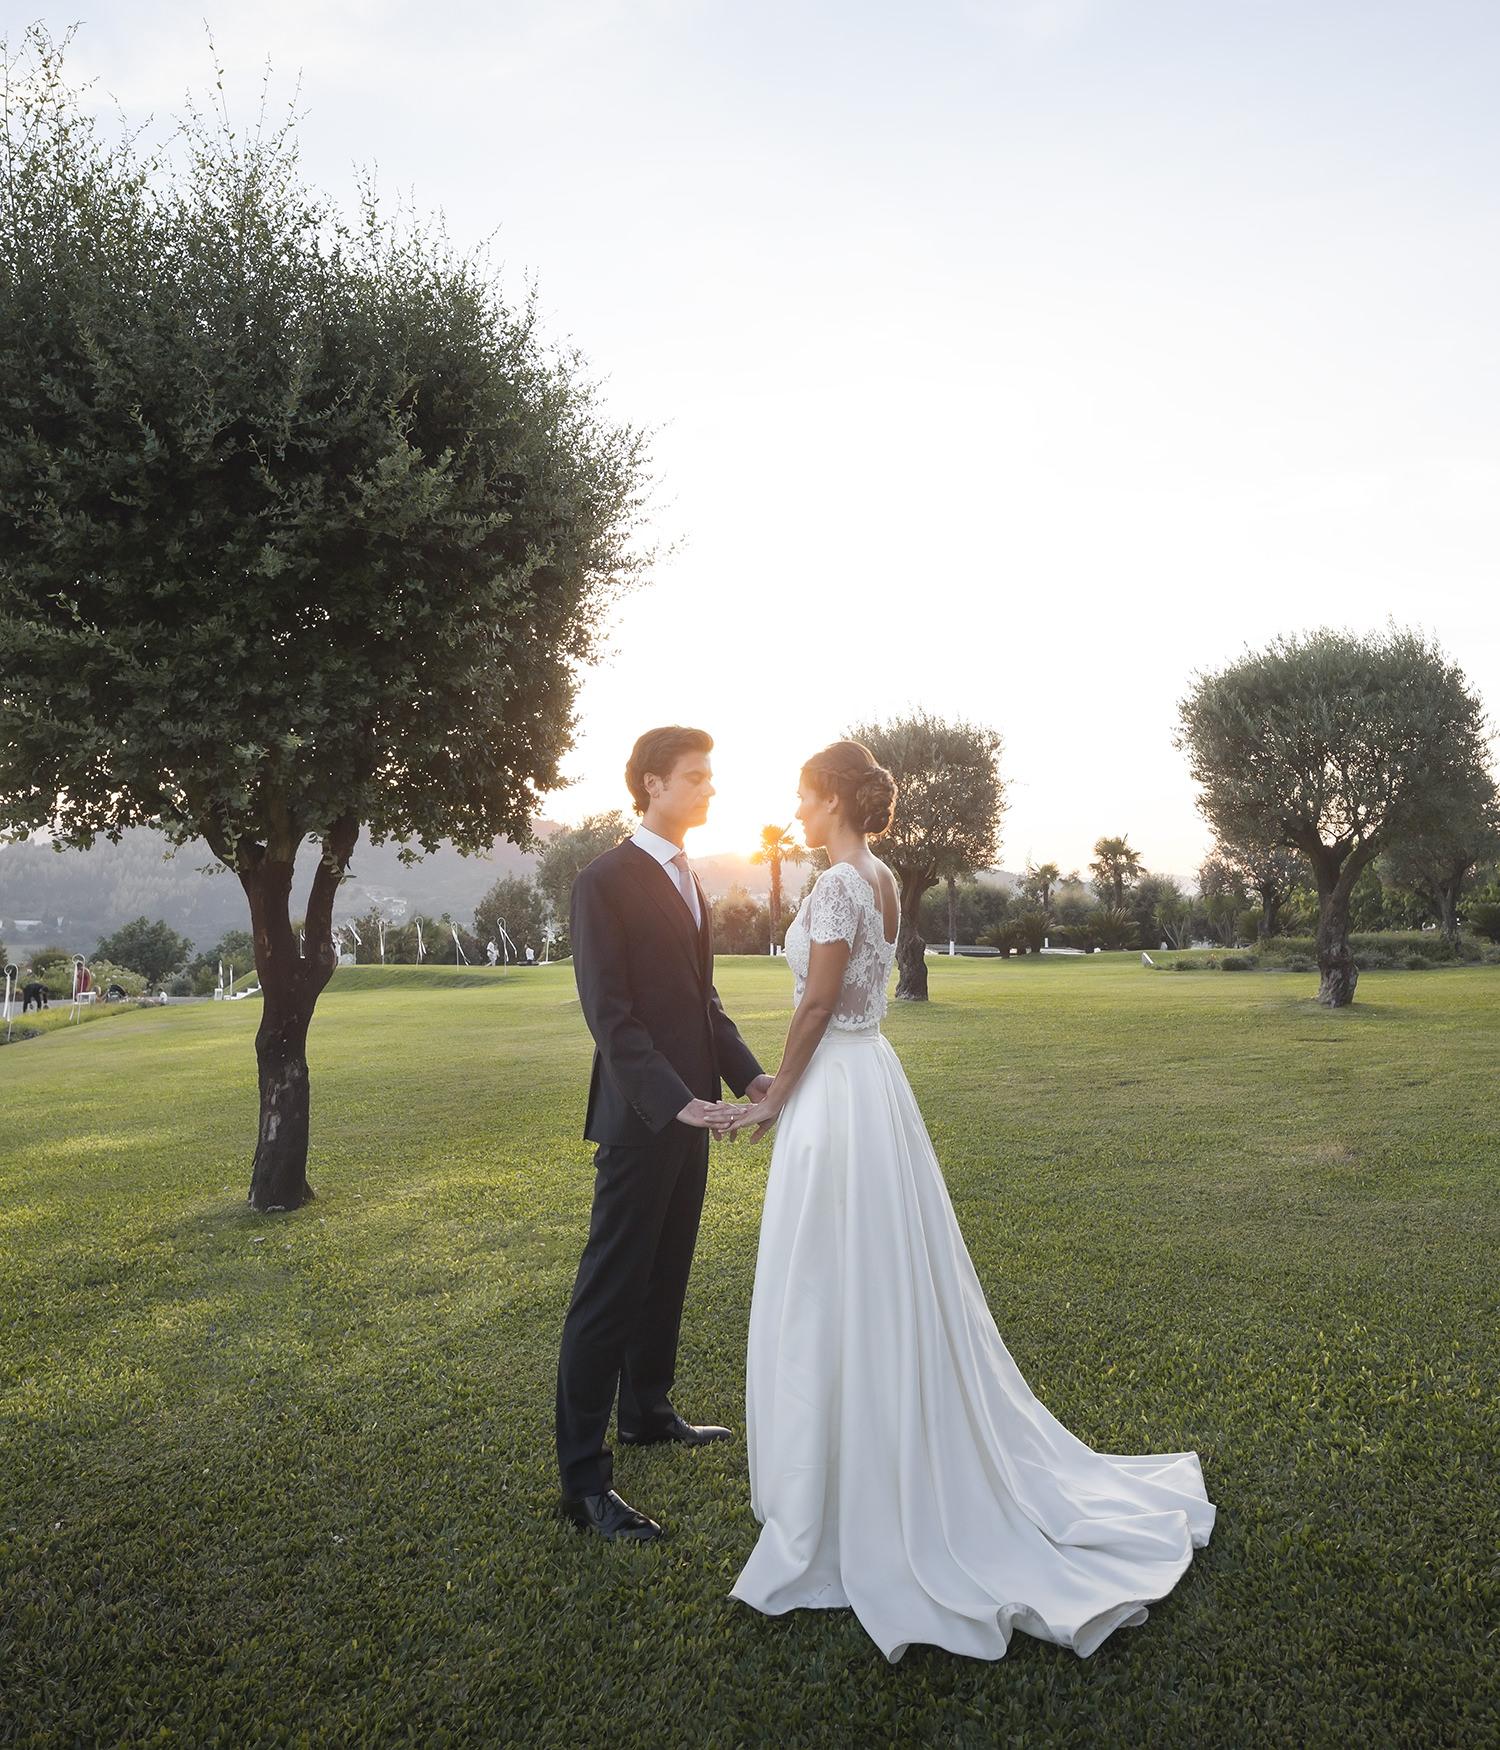 braga-wedding-photographer-torre-naia-terra-fotografia-169.jpg